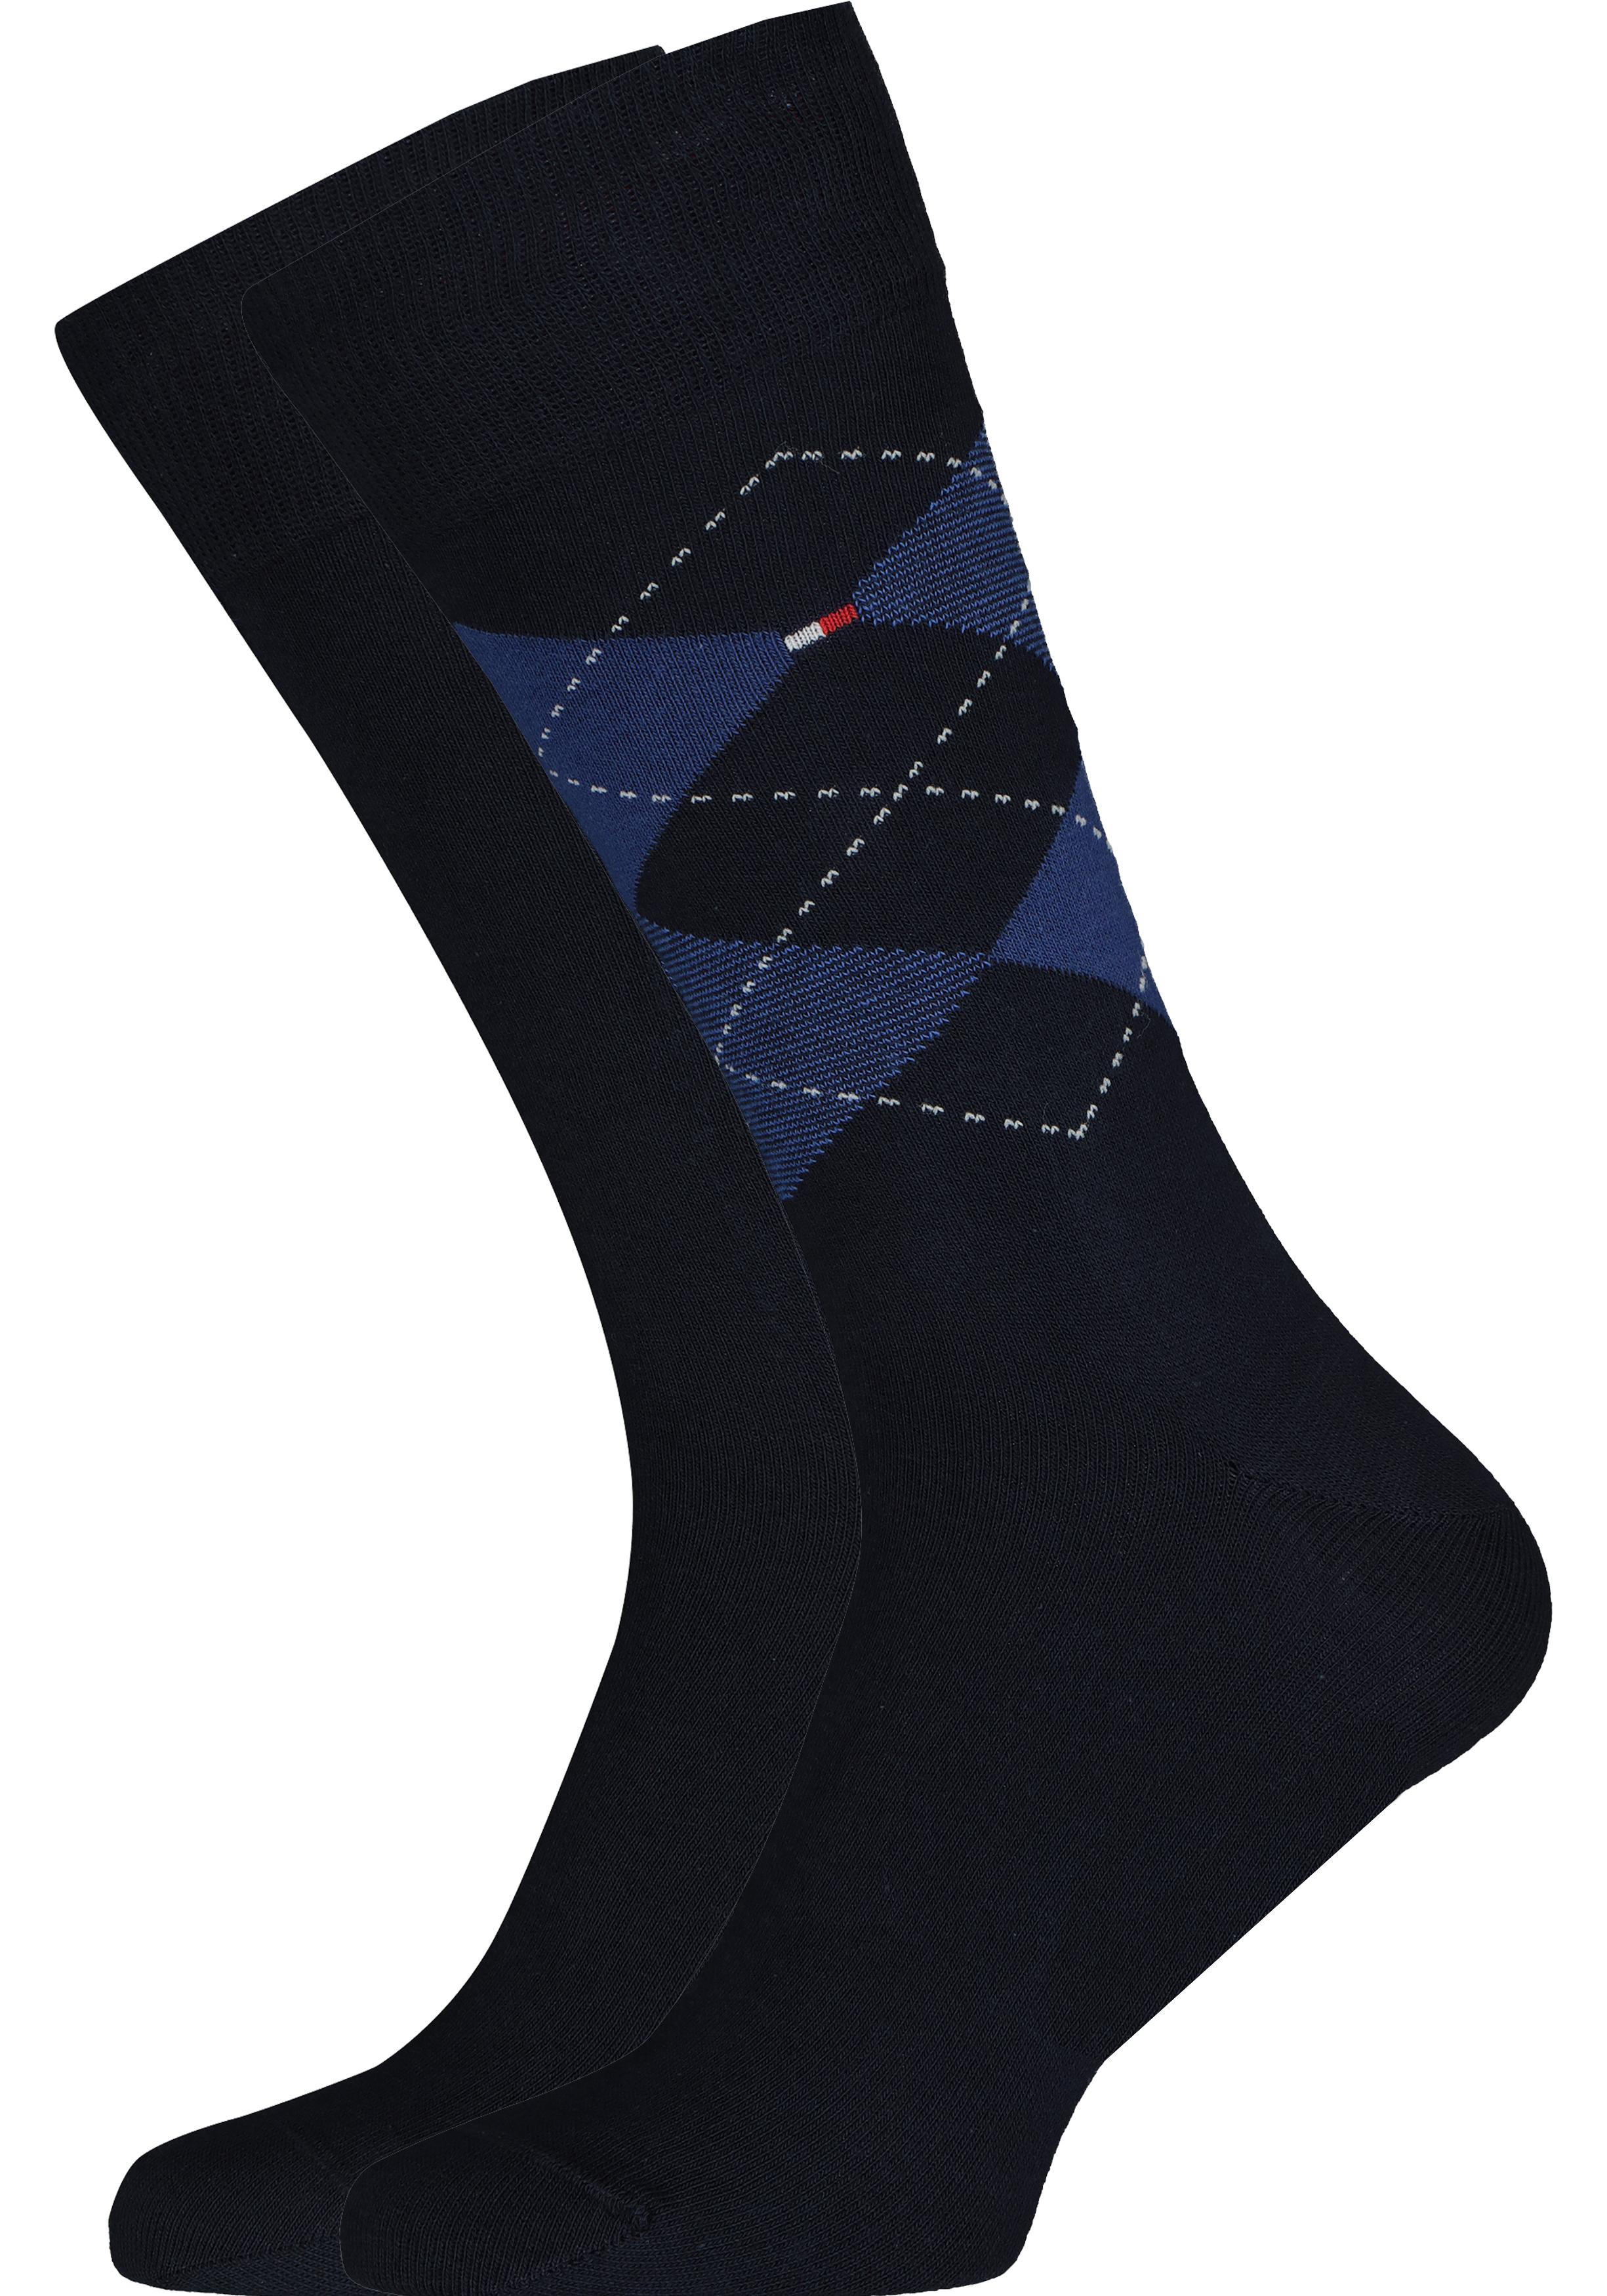 Tommy Hilfiger Check Socks (2-pack), herensokken katoen, geruit en uni, blauw